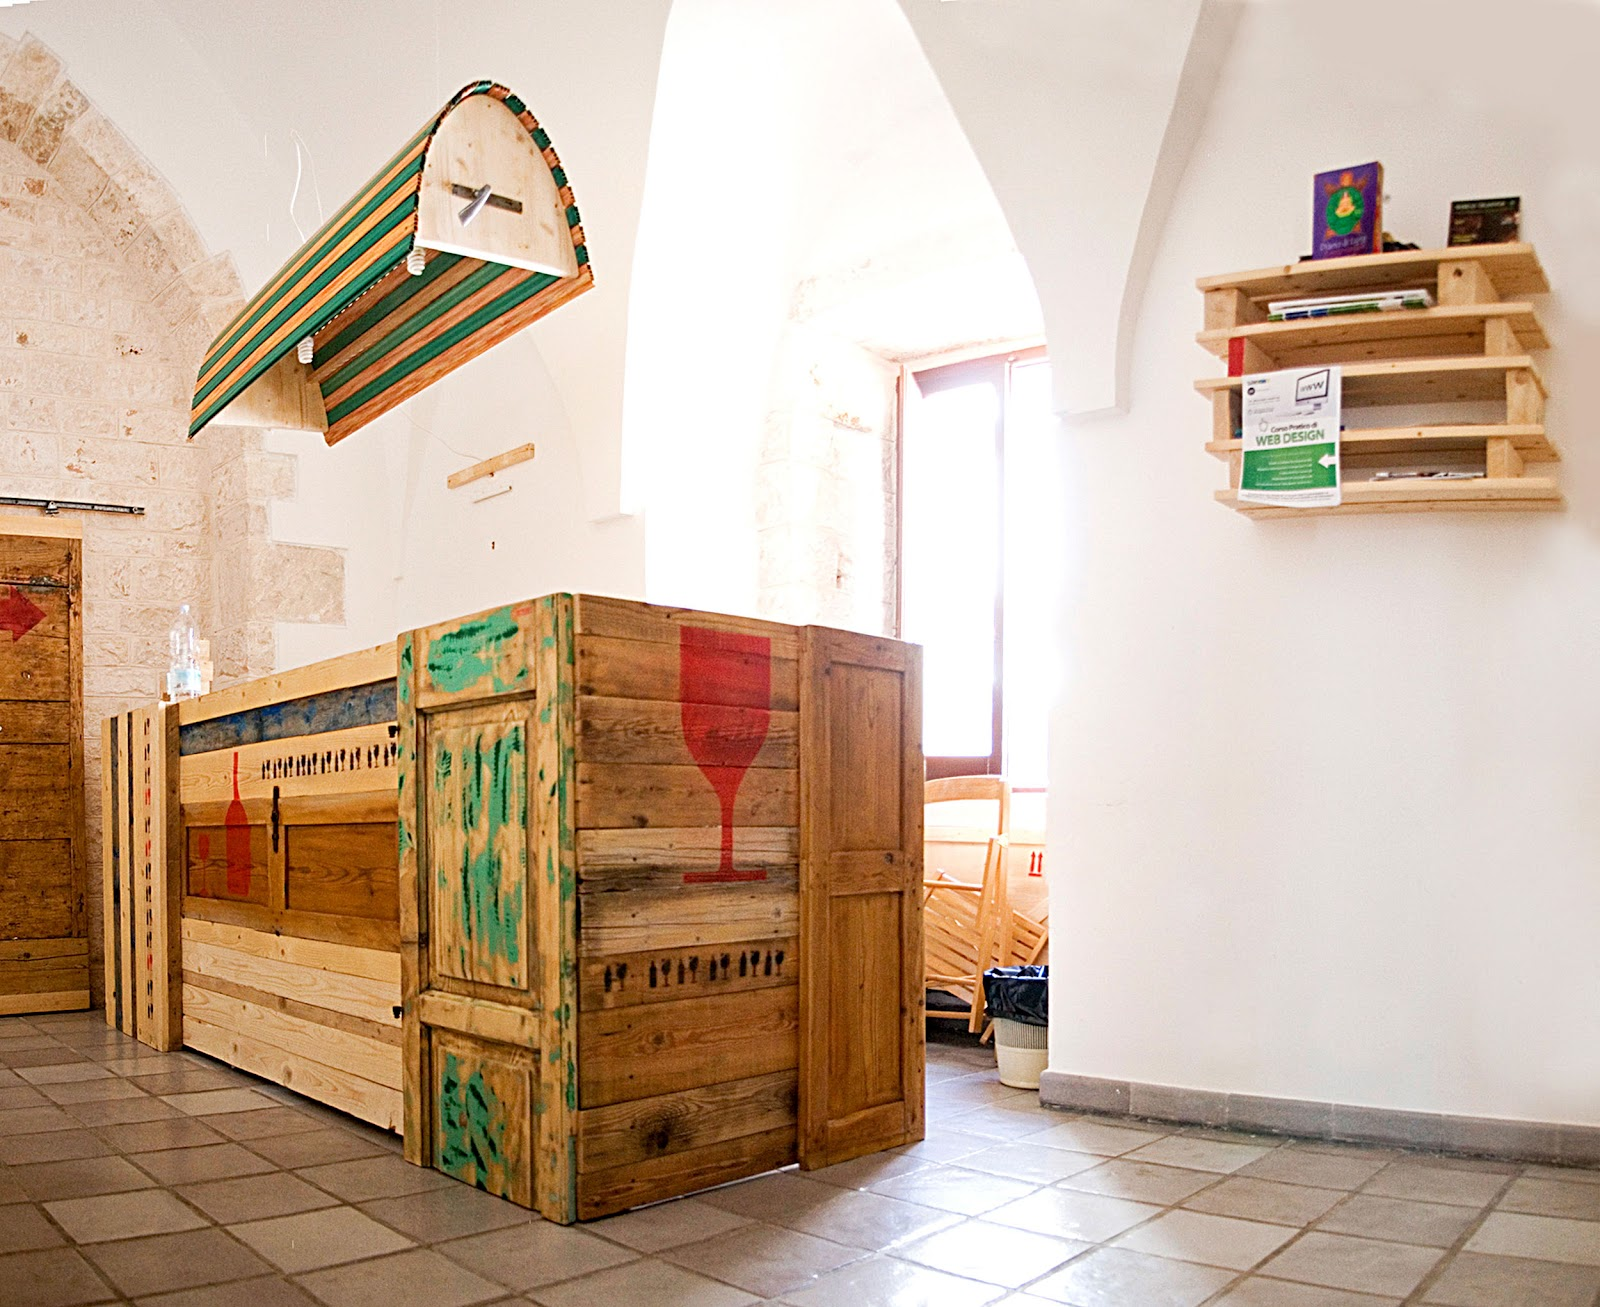 Realizzare desk e banconi creativi architettura e design a roma